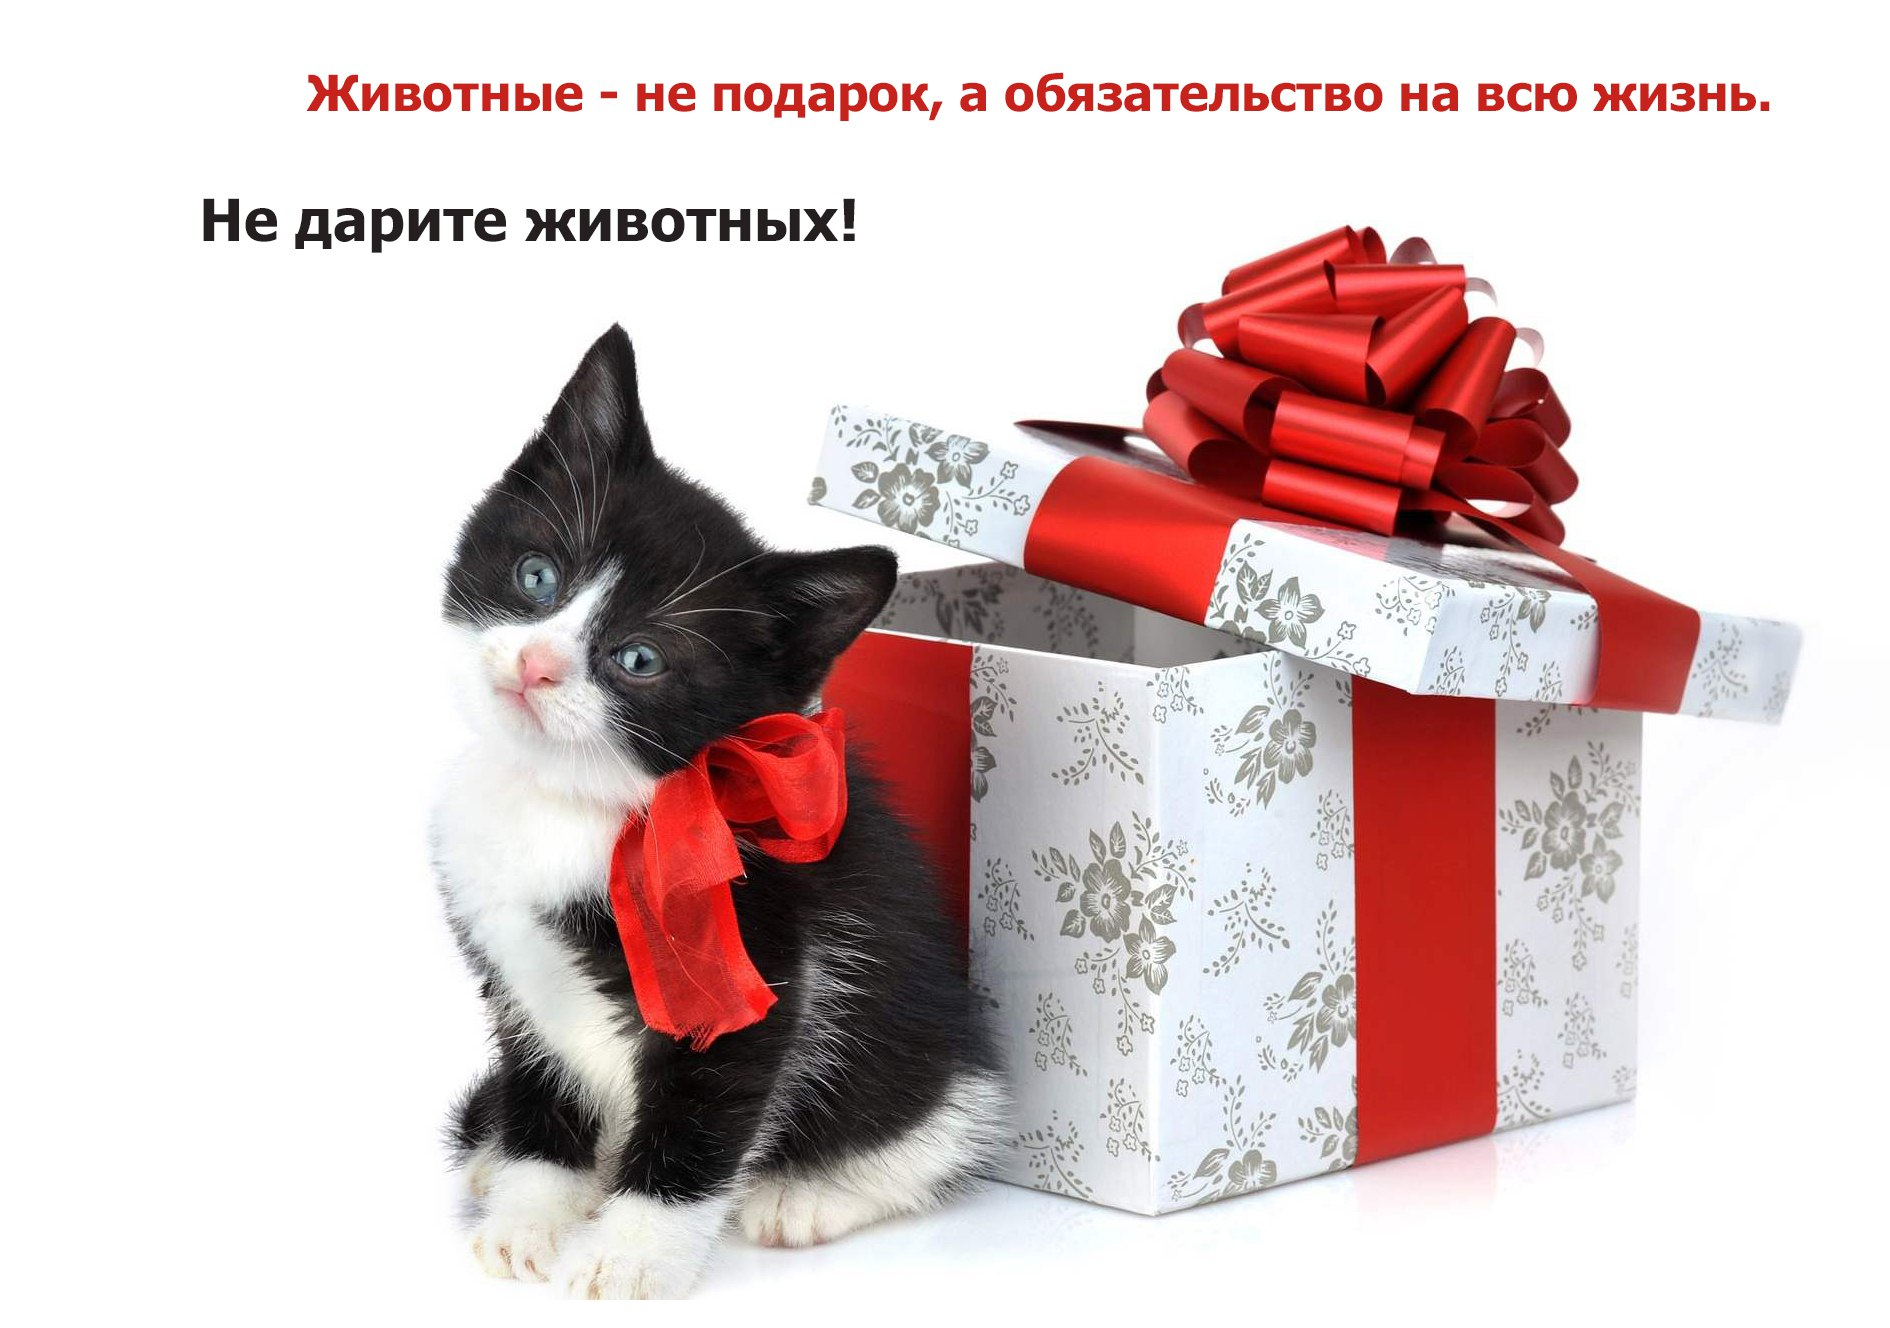 Животные — не подарок